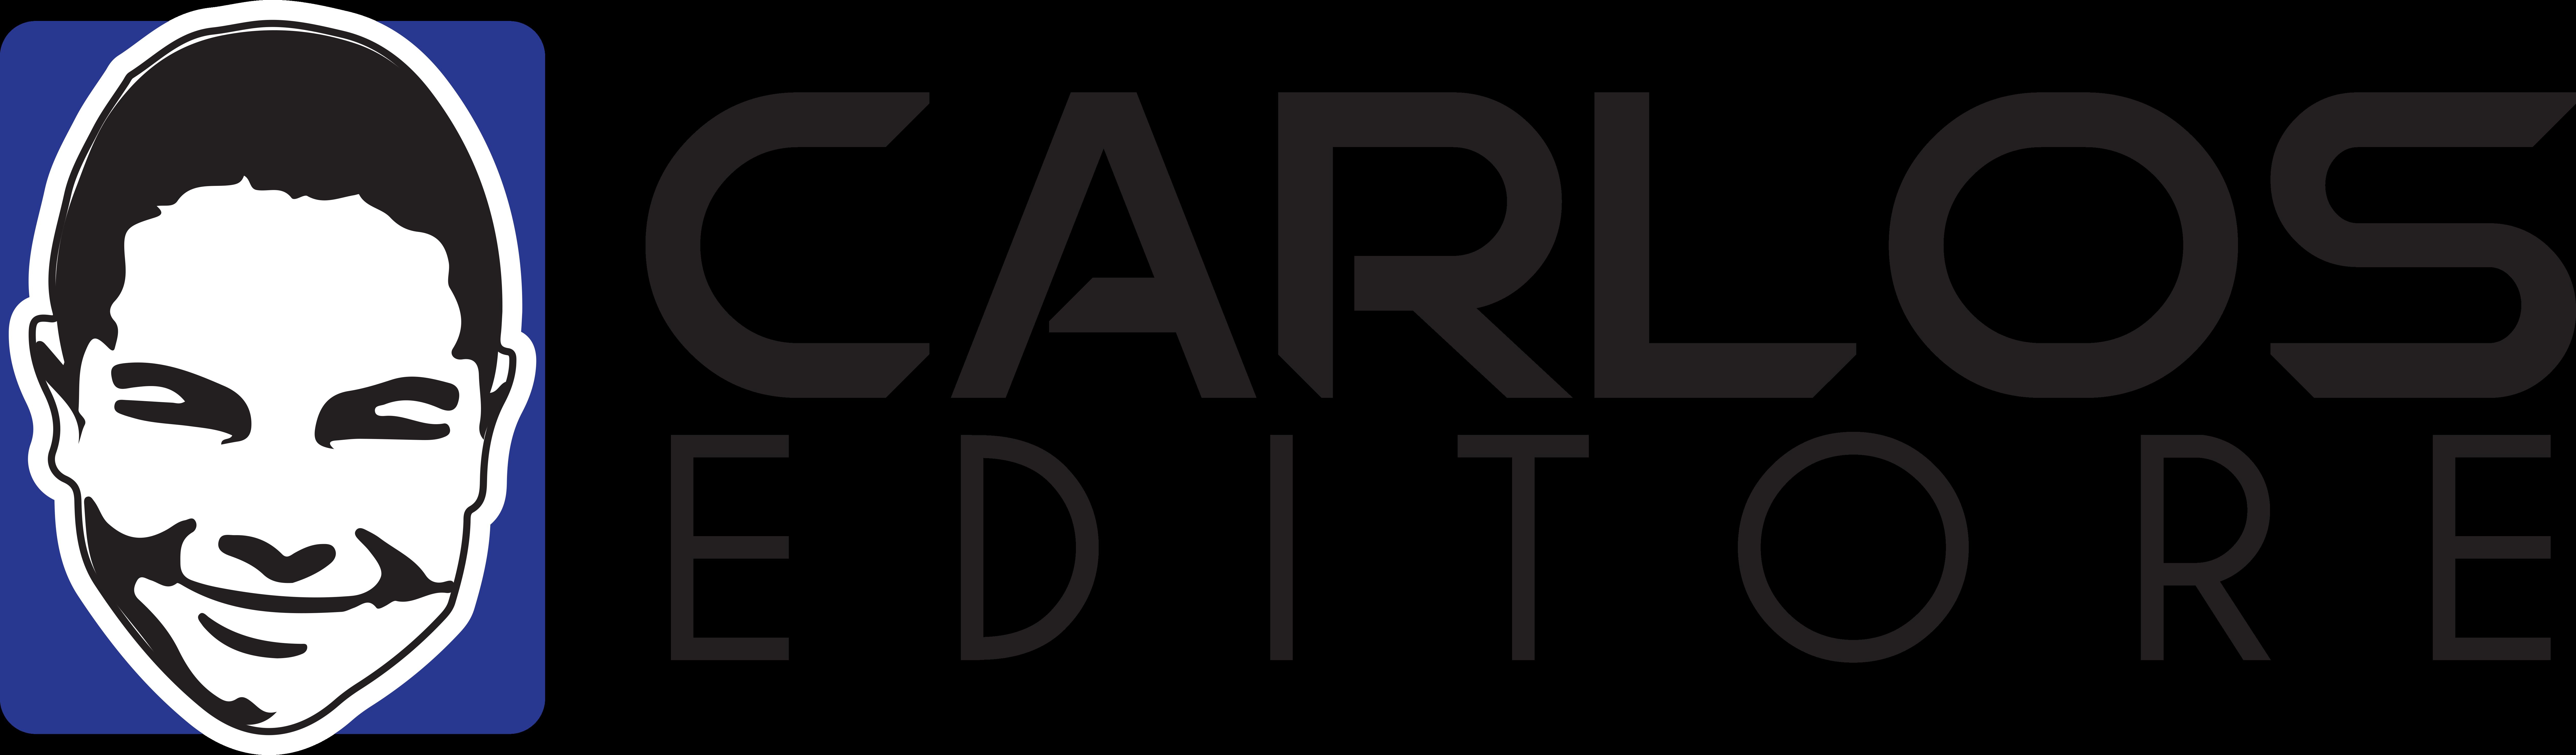 Carlos Editore